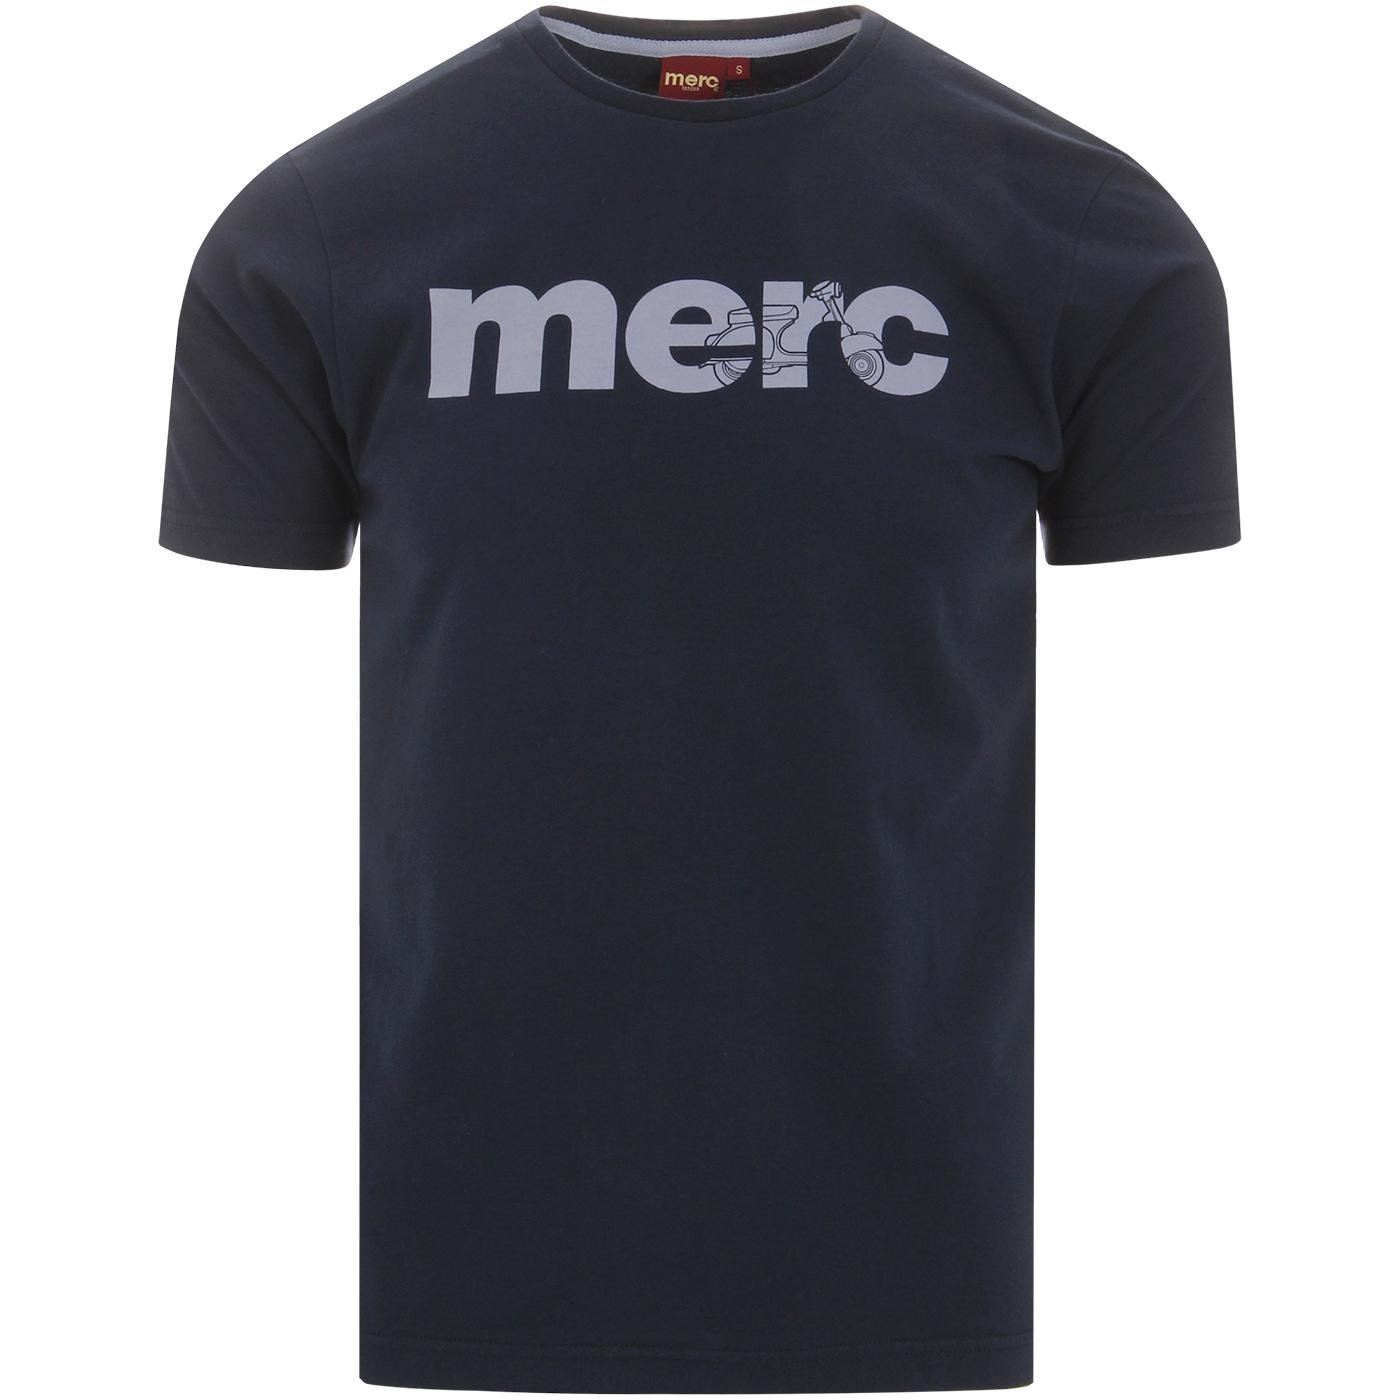 Walker MERC Men's Retro Mod Scooter Logo T-Shirt